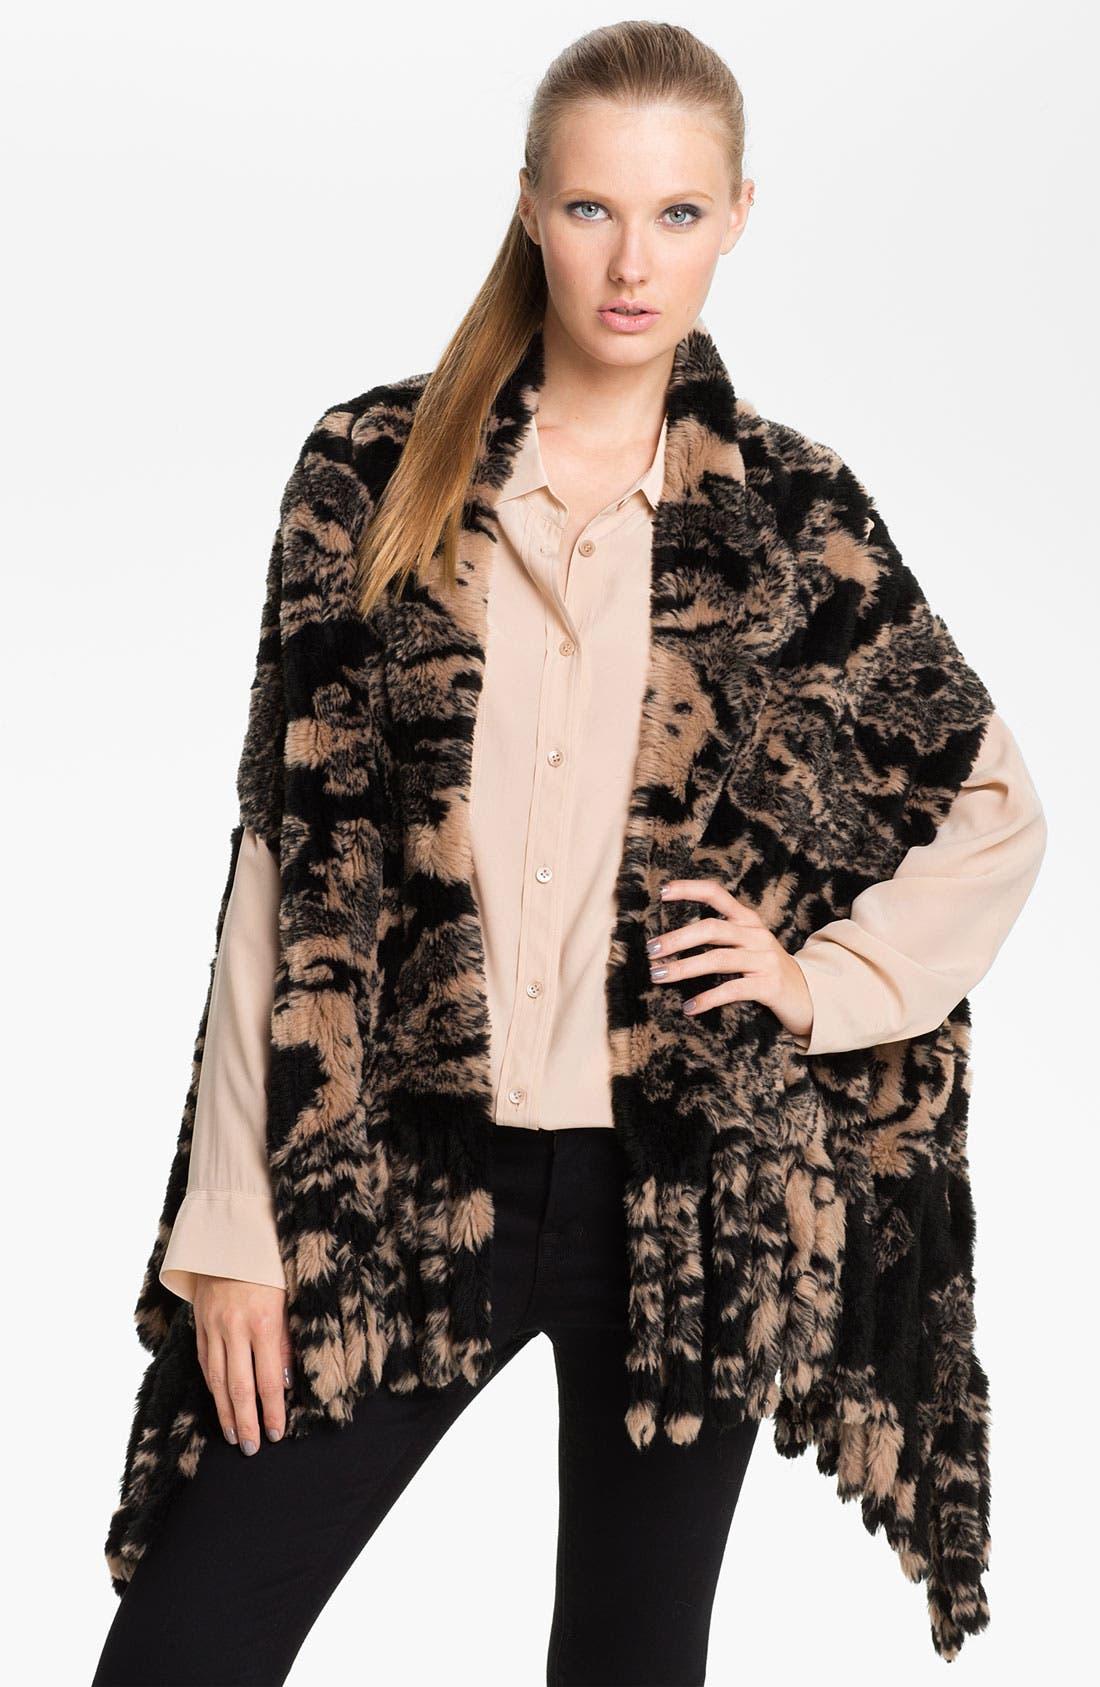 Alternate Image 1 Selected - Nordstrom 'Baroque' Faux Fur Vest